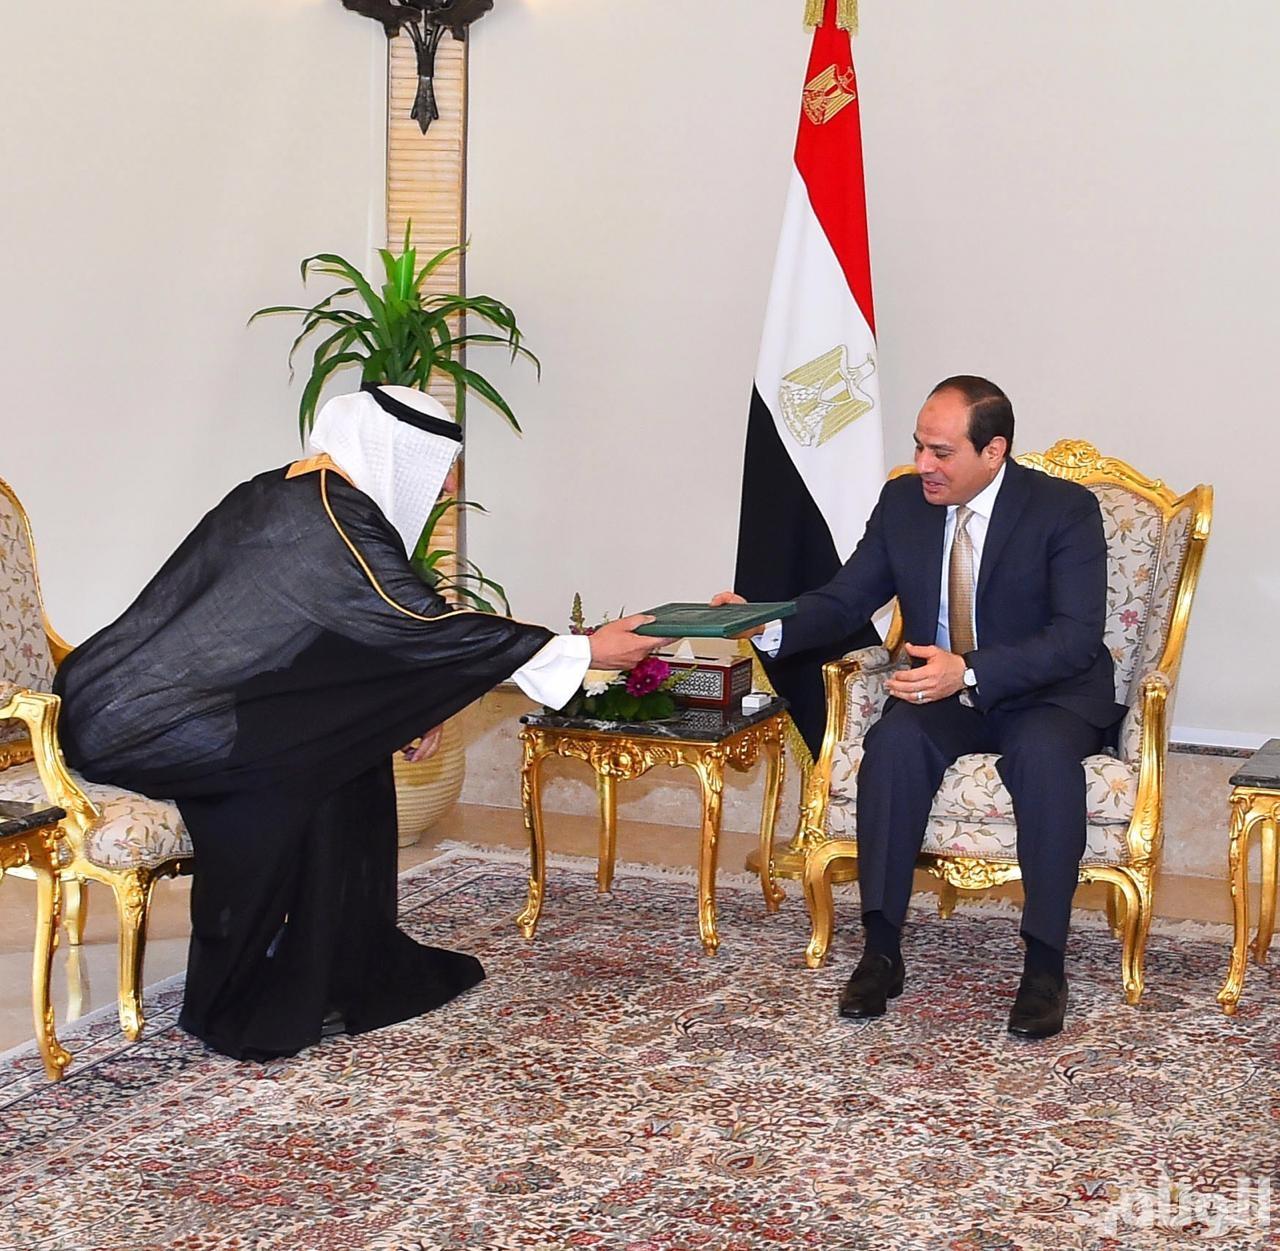 خادم الحرمين يبعث برسالة خطية إلى الرئيس عبدالفتاح السيسي